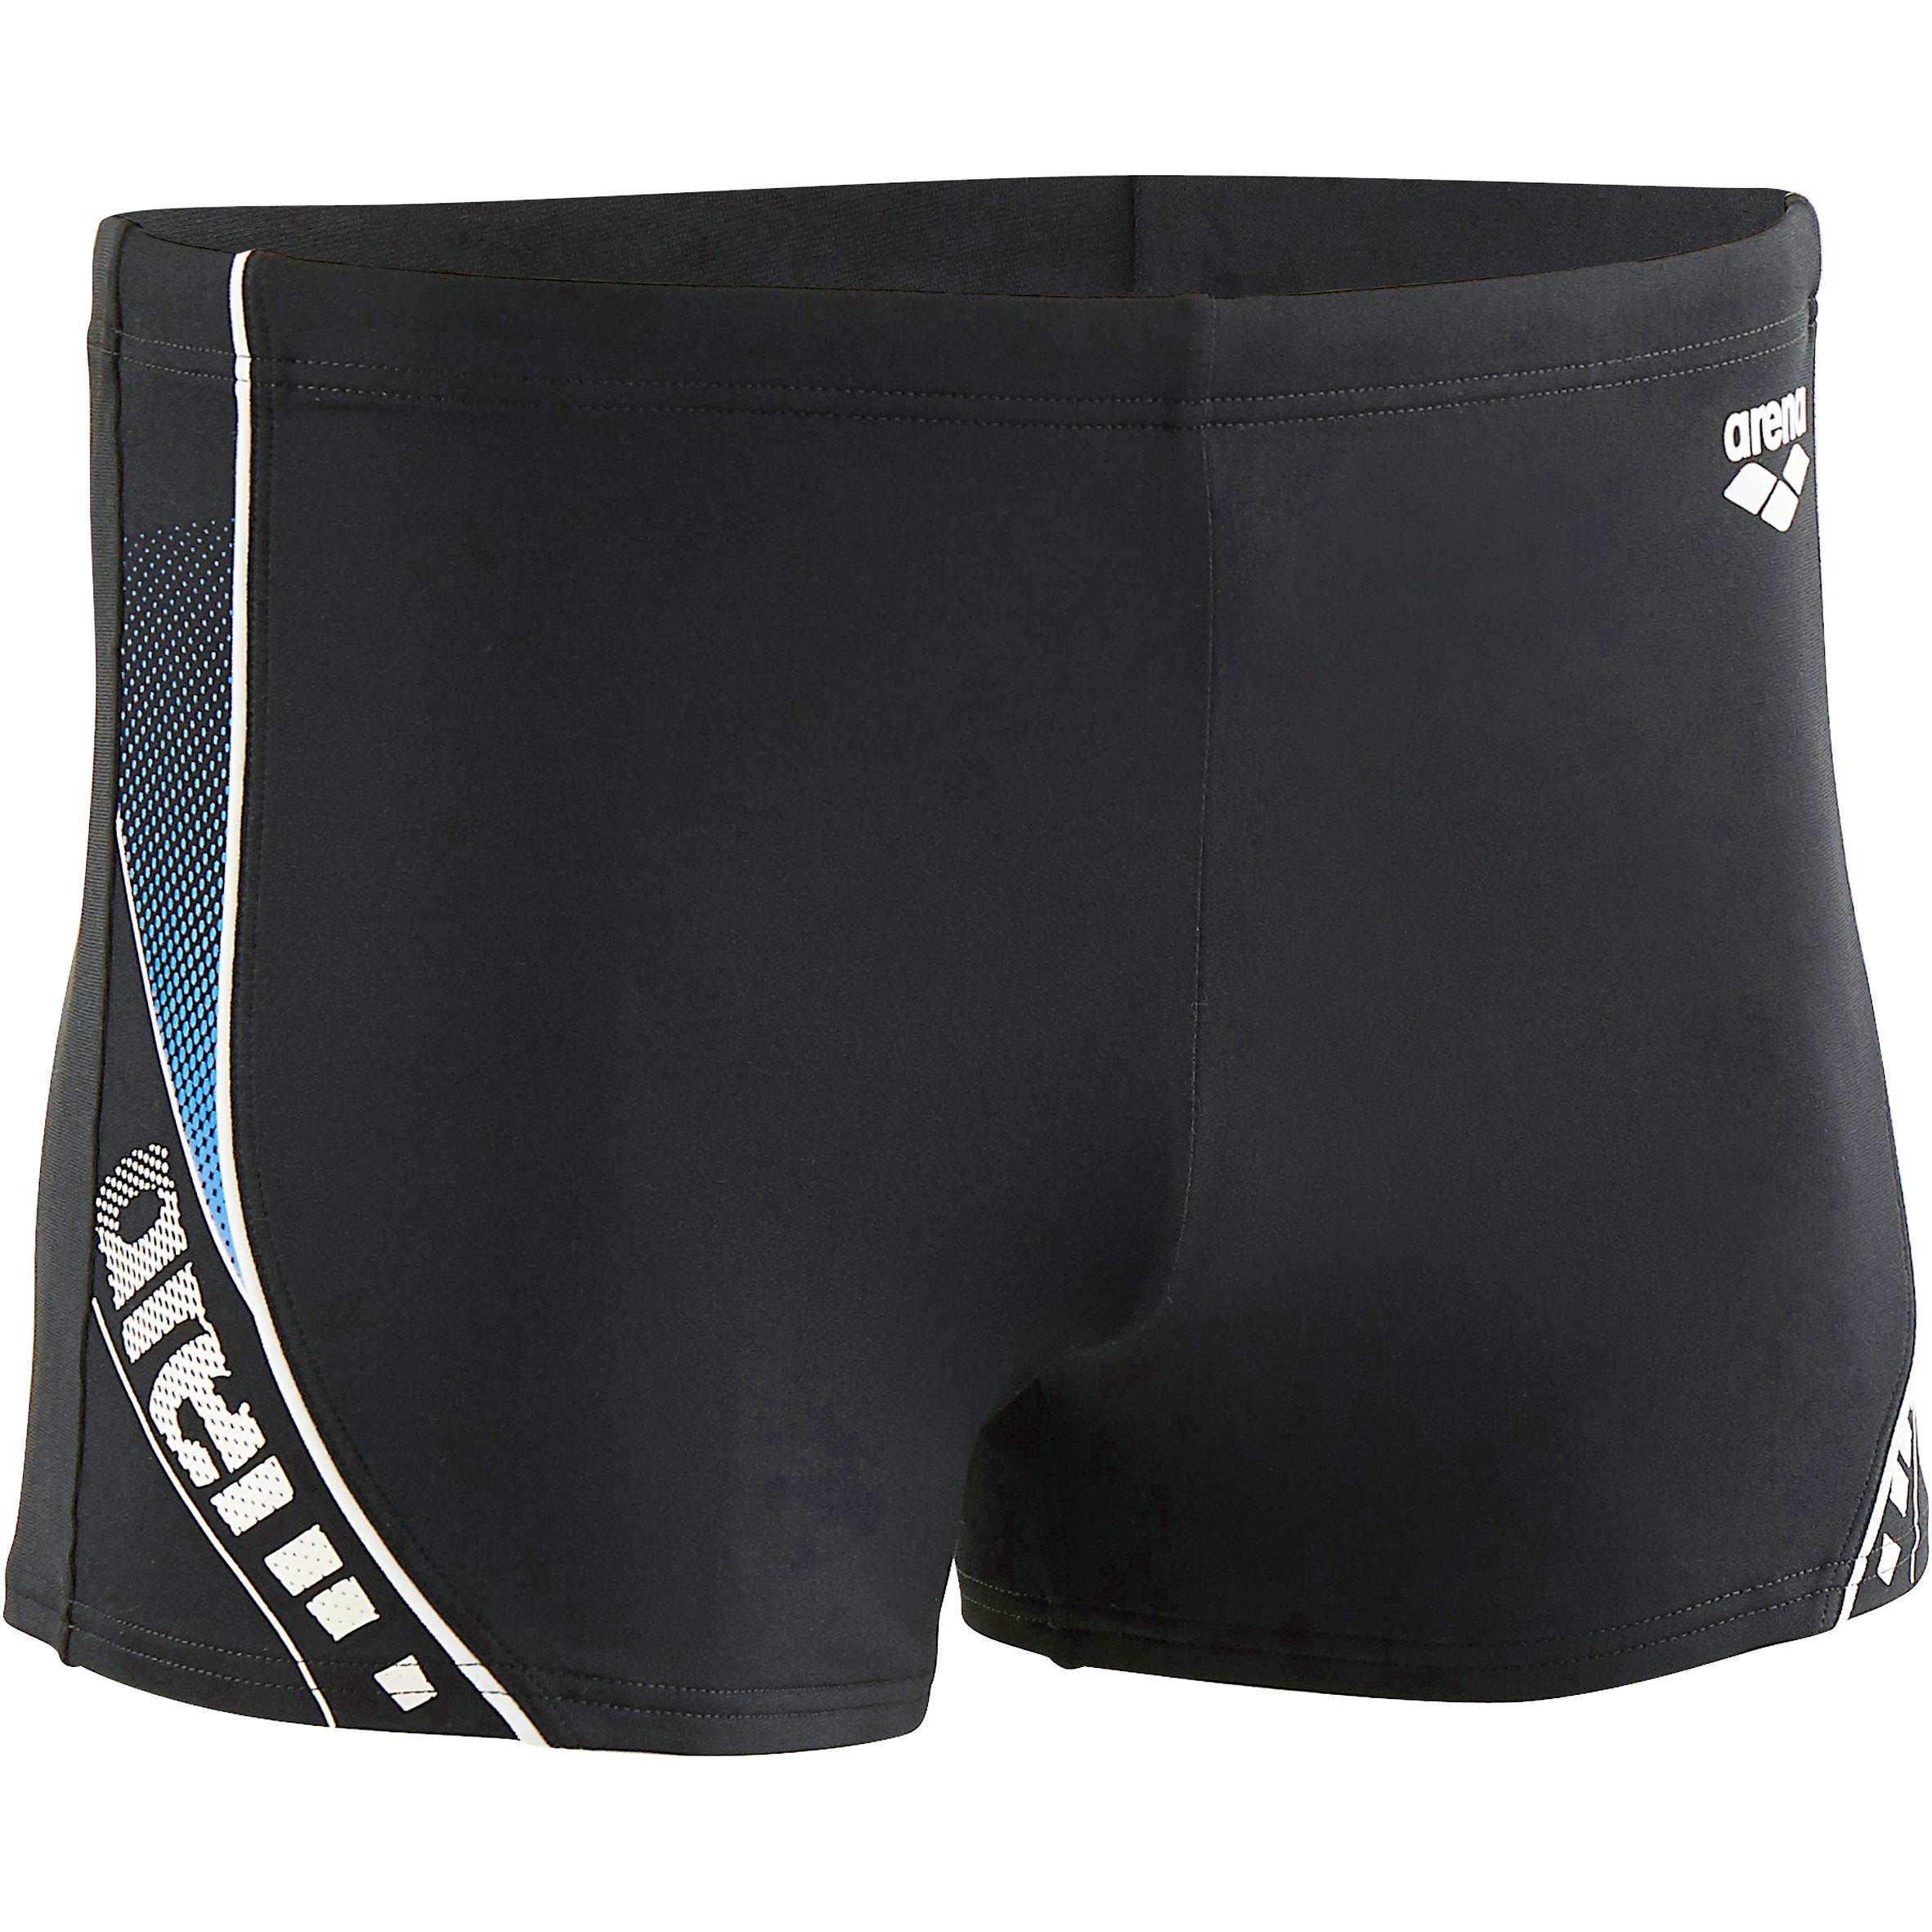 Boxeri Logo Negru/Alb Bărbați la Reducere poza